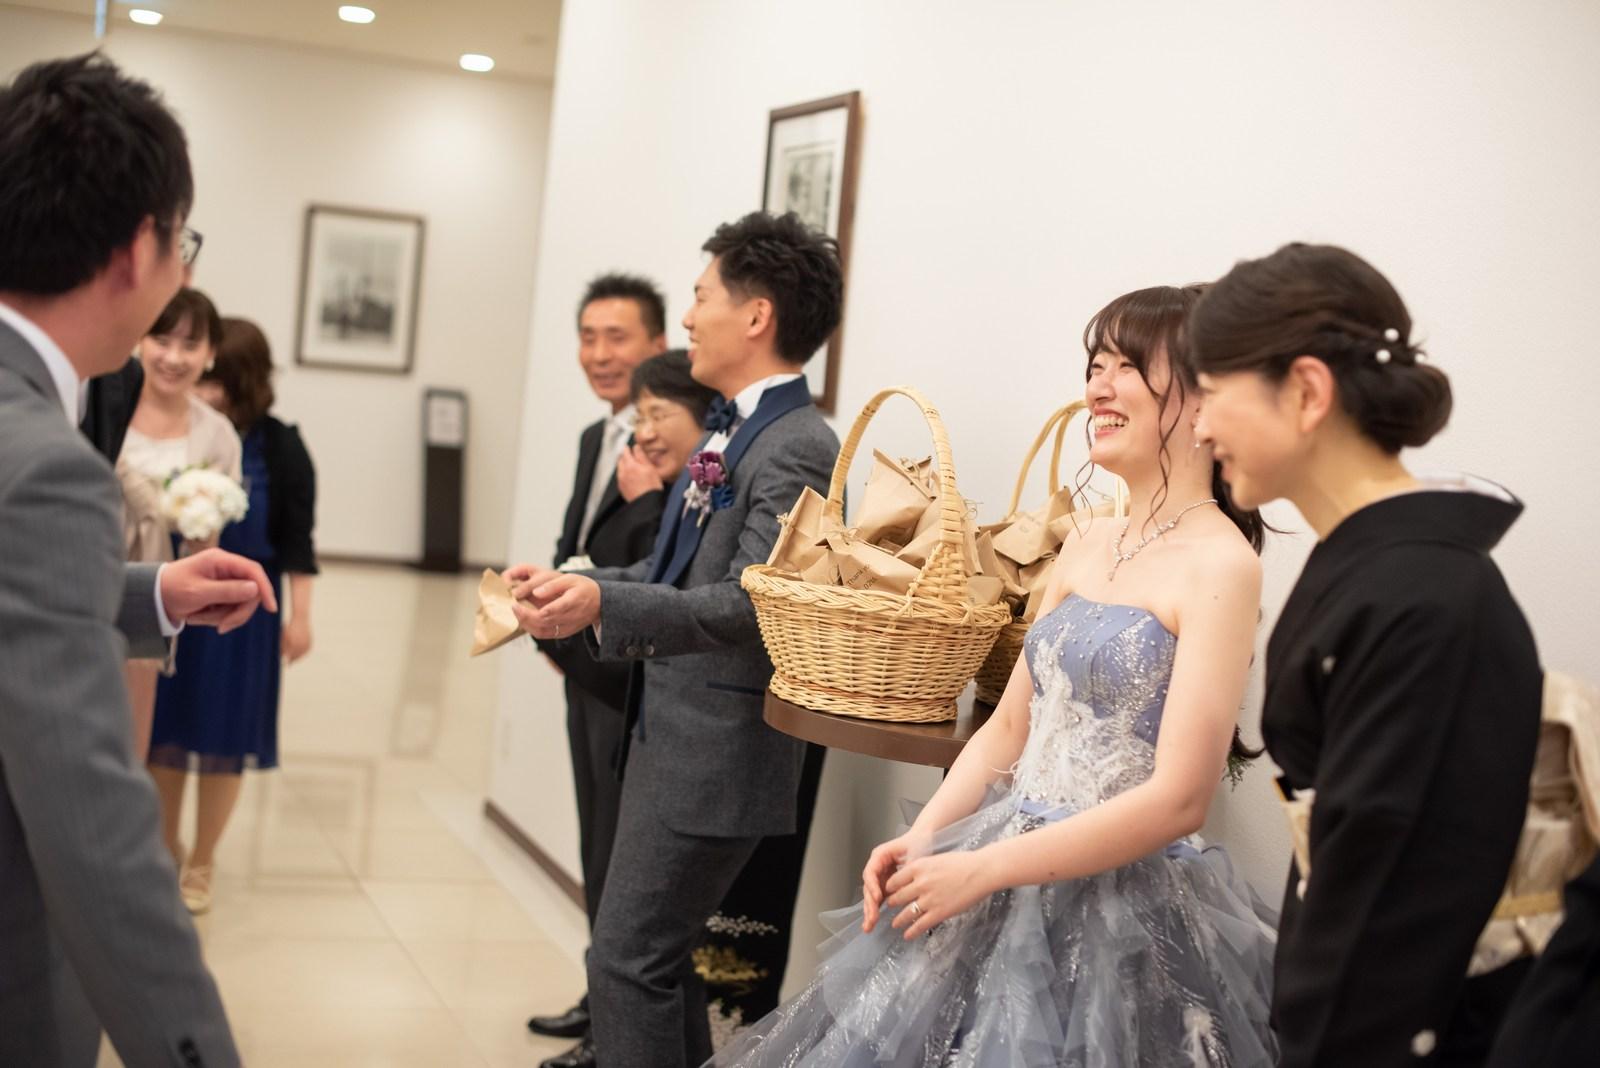 徳島県の結婚式場ブランアンジュでお開き後にゲストを見送る新郎新婦と両親